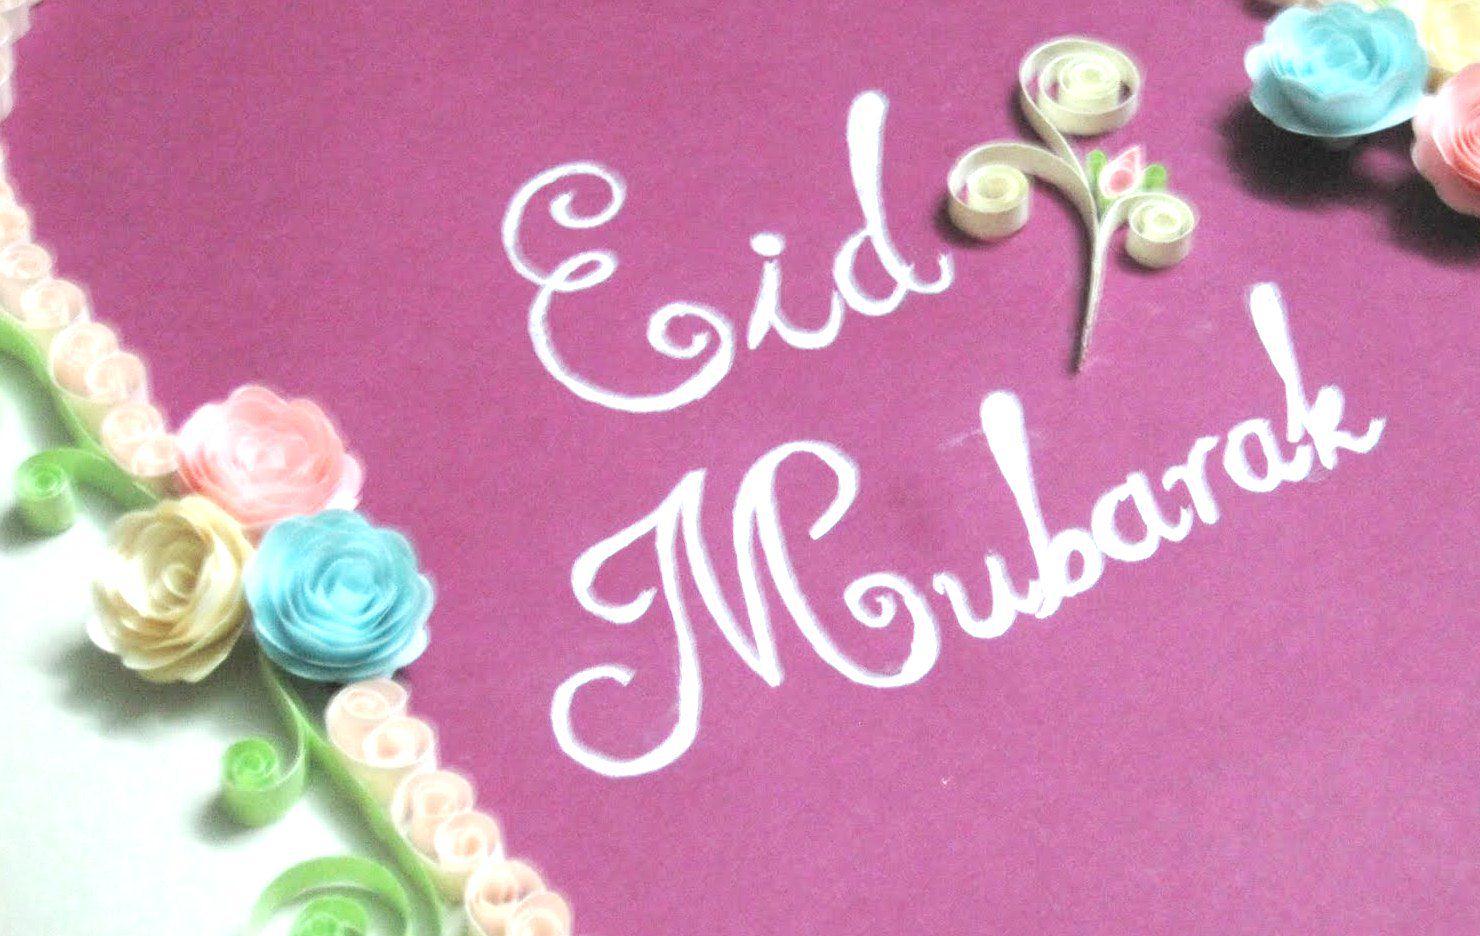 بالصور صورالعيد جديده , صور جميله وجديده للعيد 6717 7